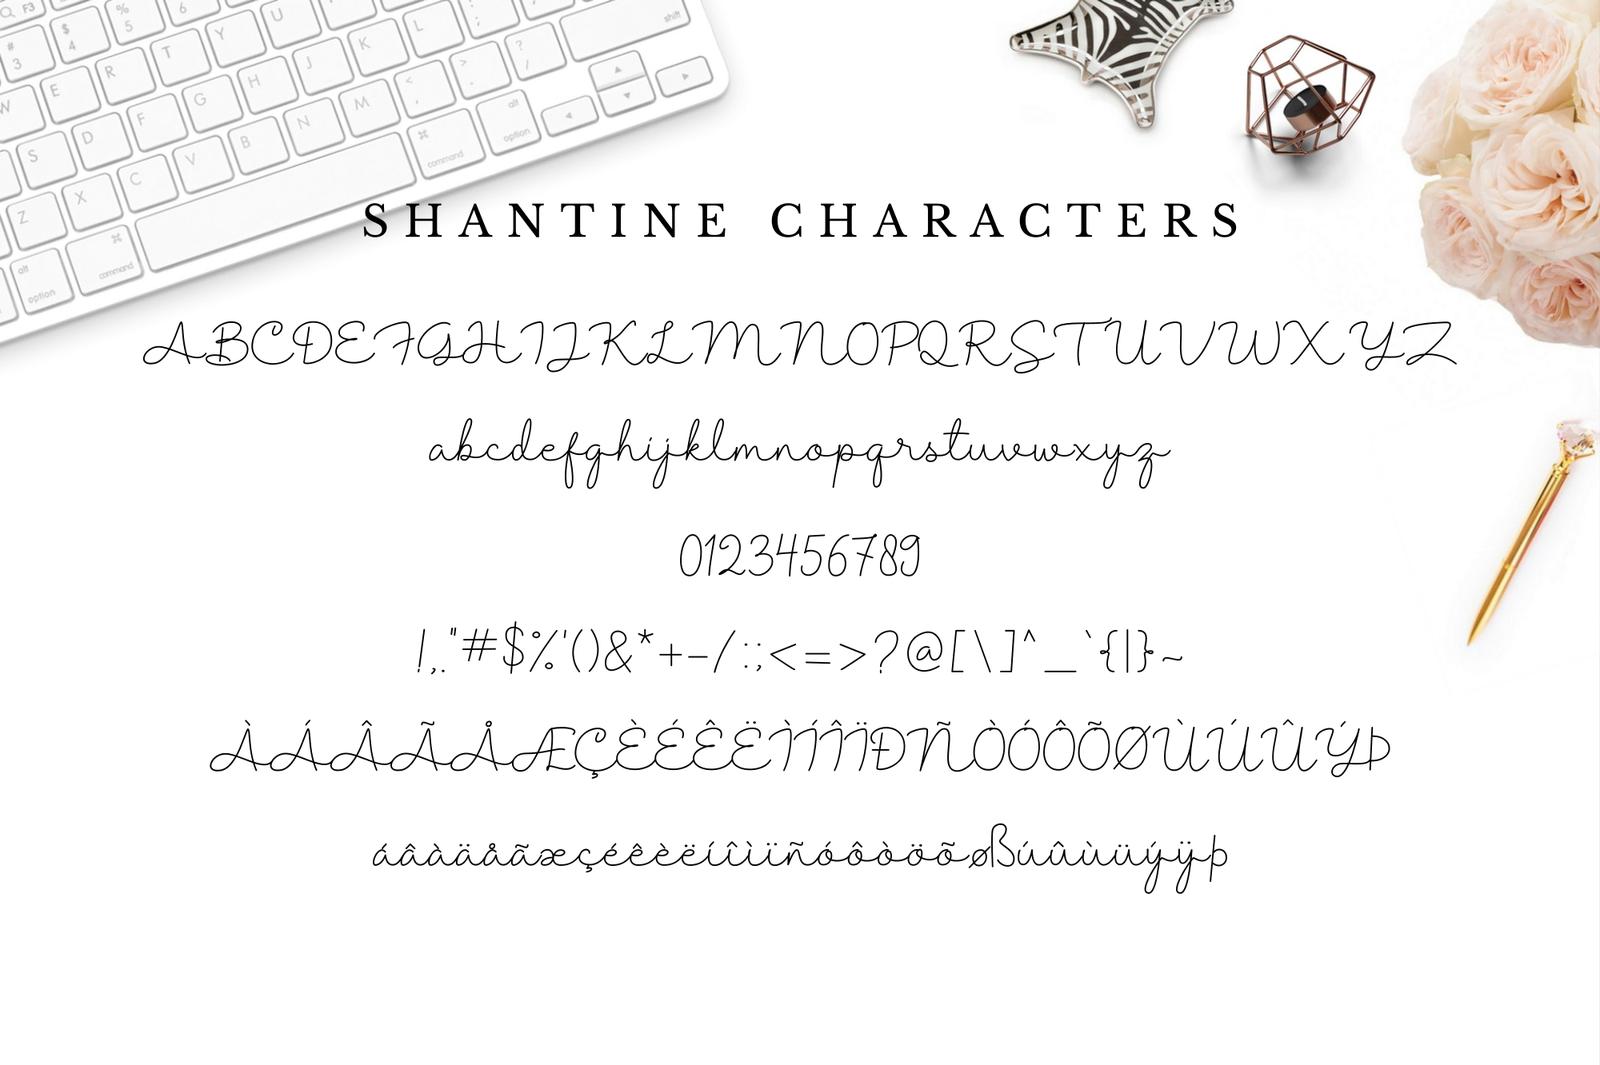 Shantine